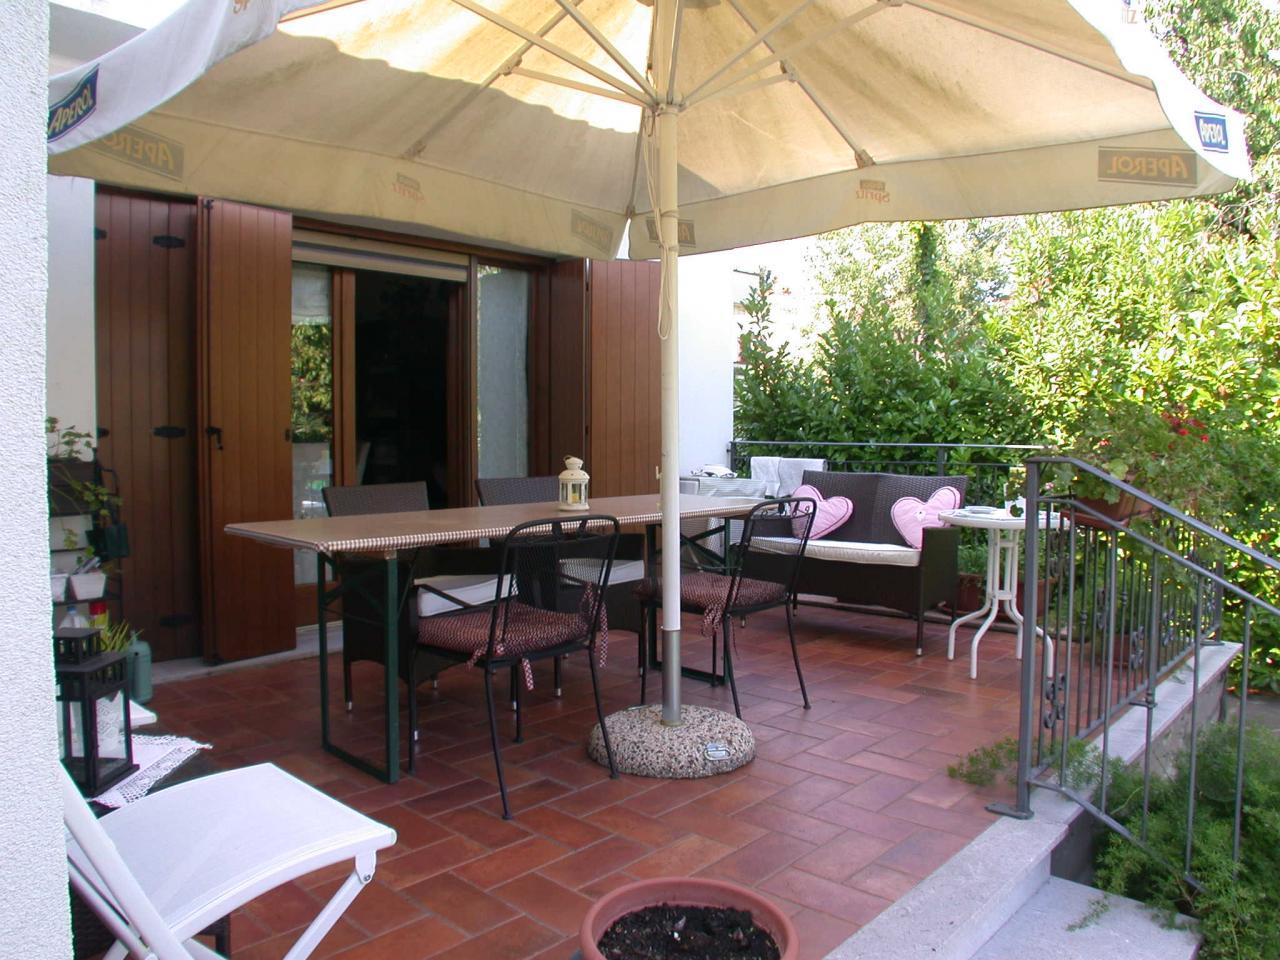 Soluzione Indipendente in vendita a Gorizia, 7 locali, zona Zona: Semicentro, prezzo € 288.000 | Cambio Casa.it